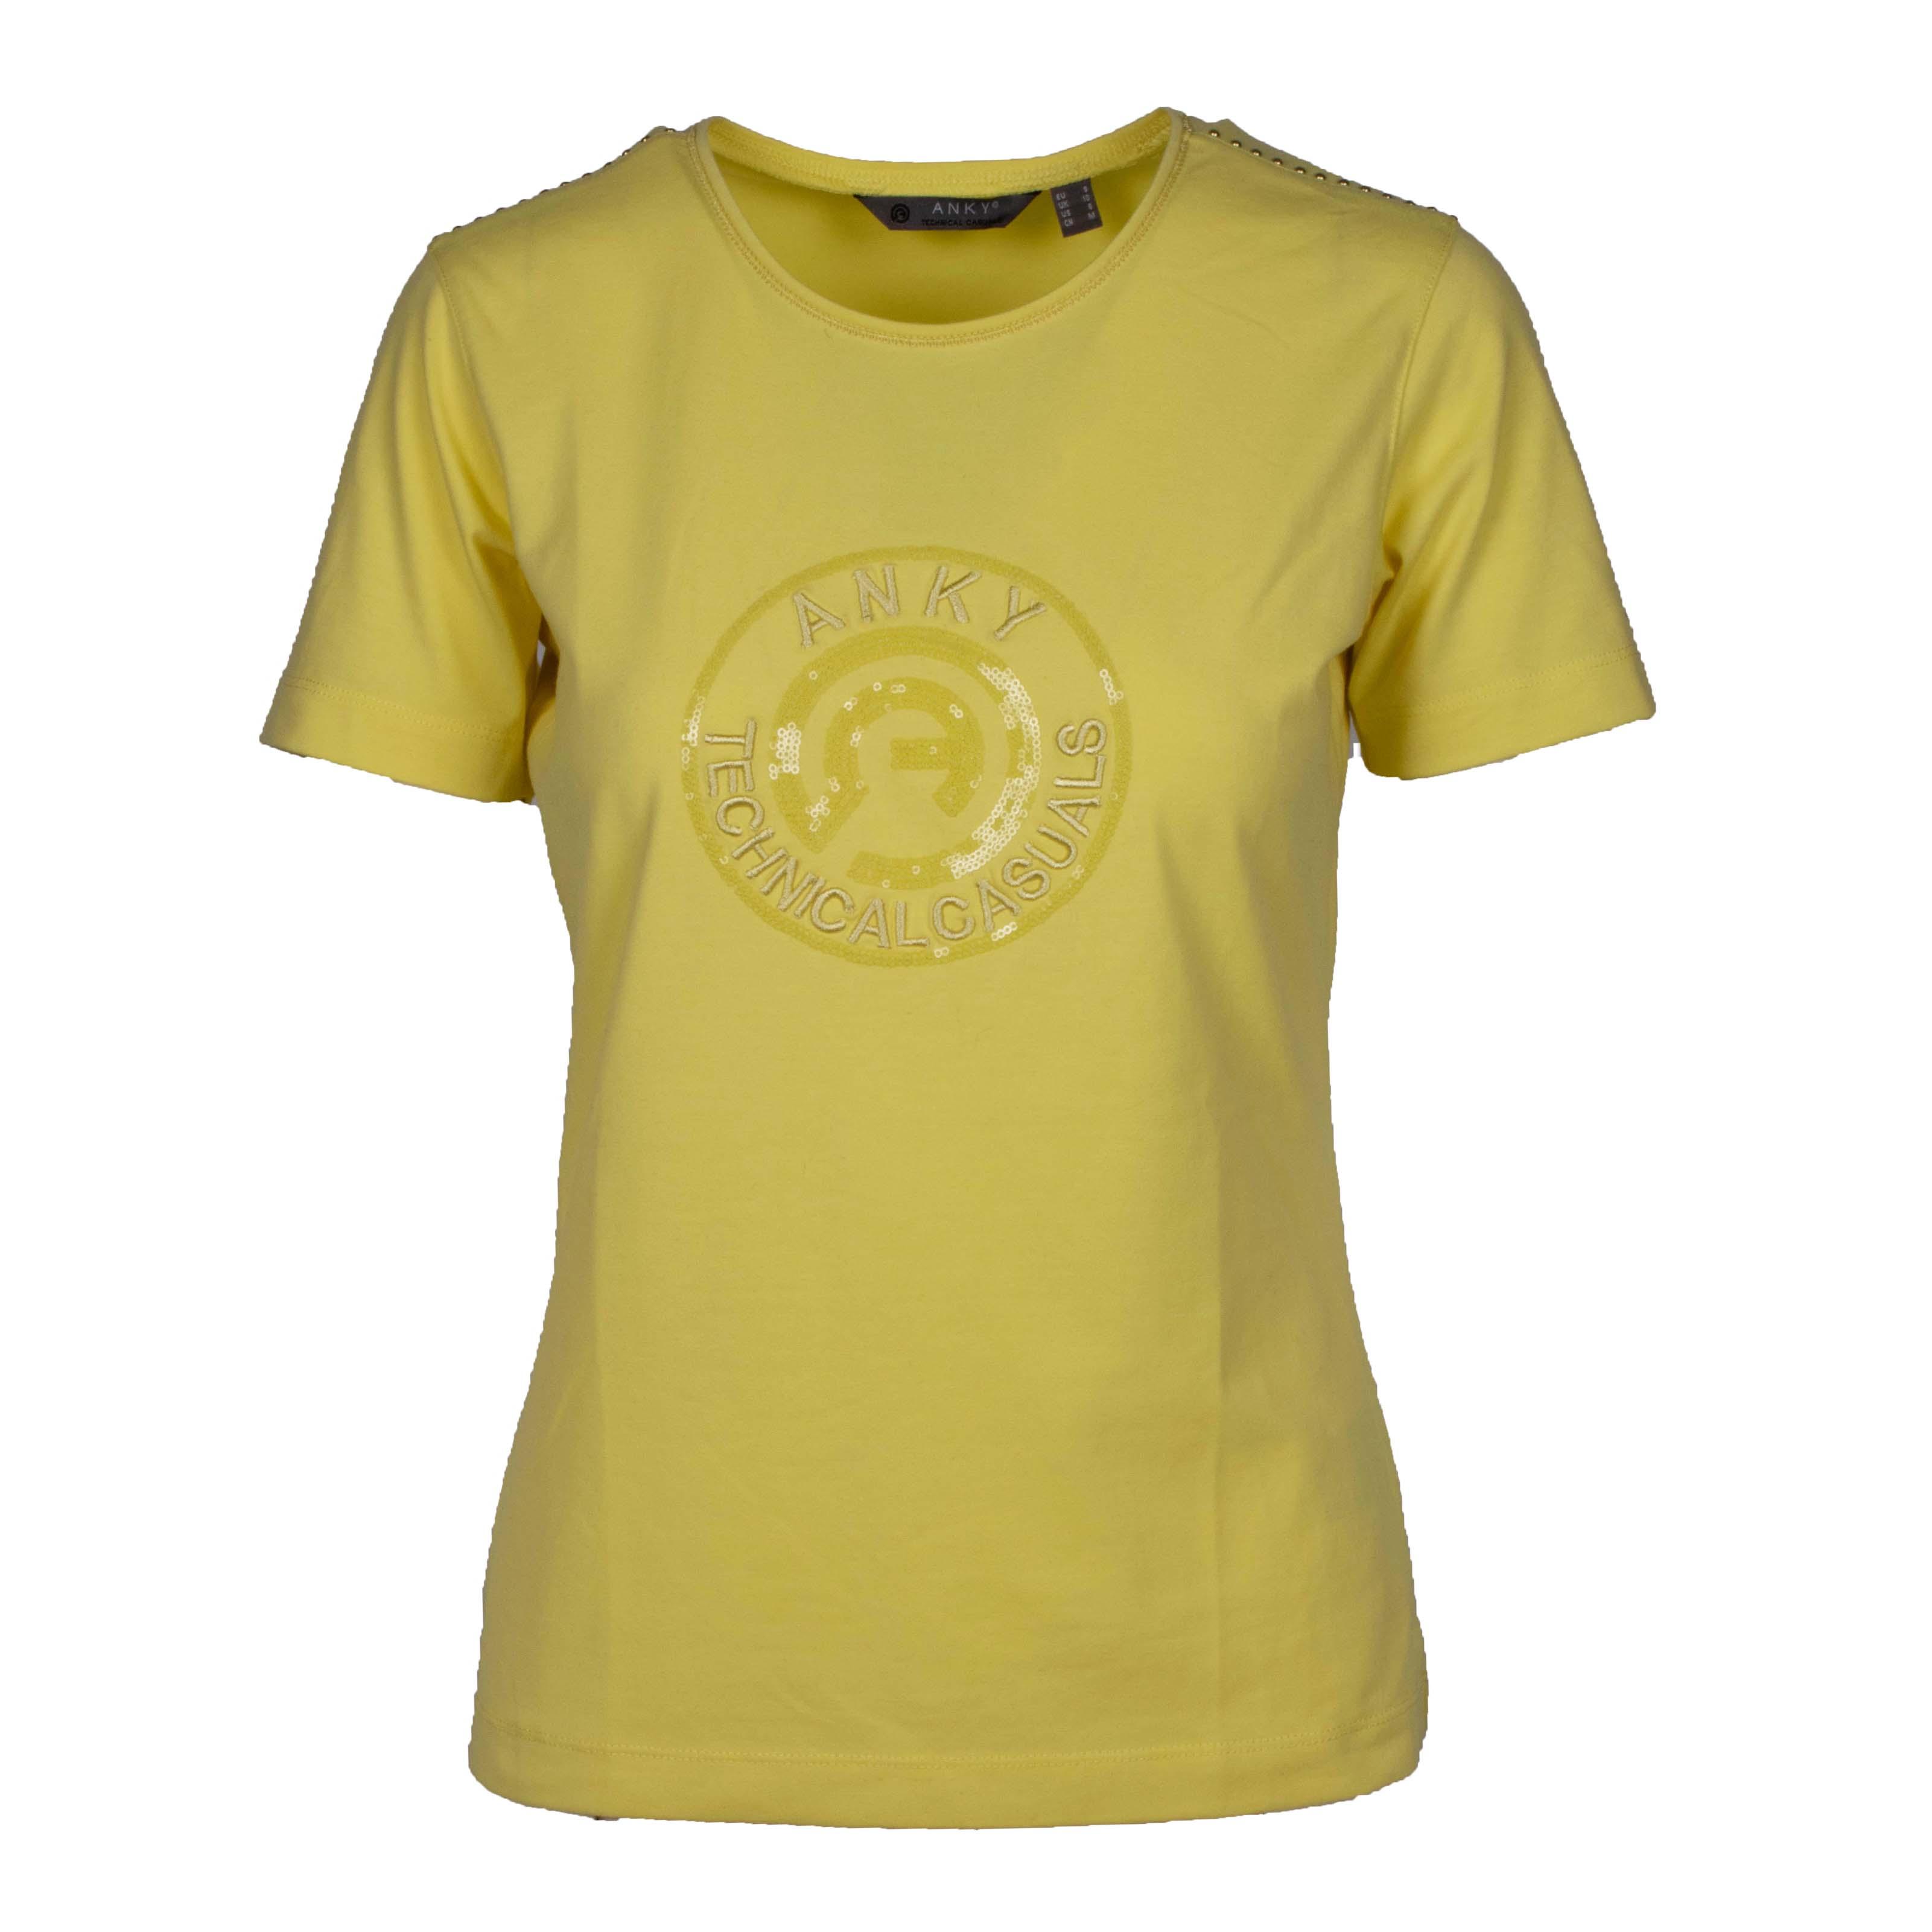 ANKY T-Shirt Logo ATC211302 geel maat:s